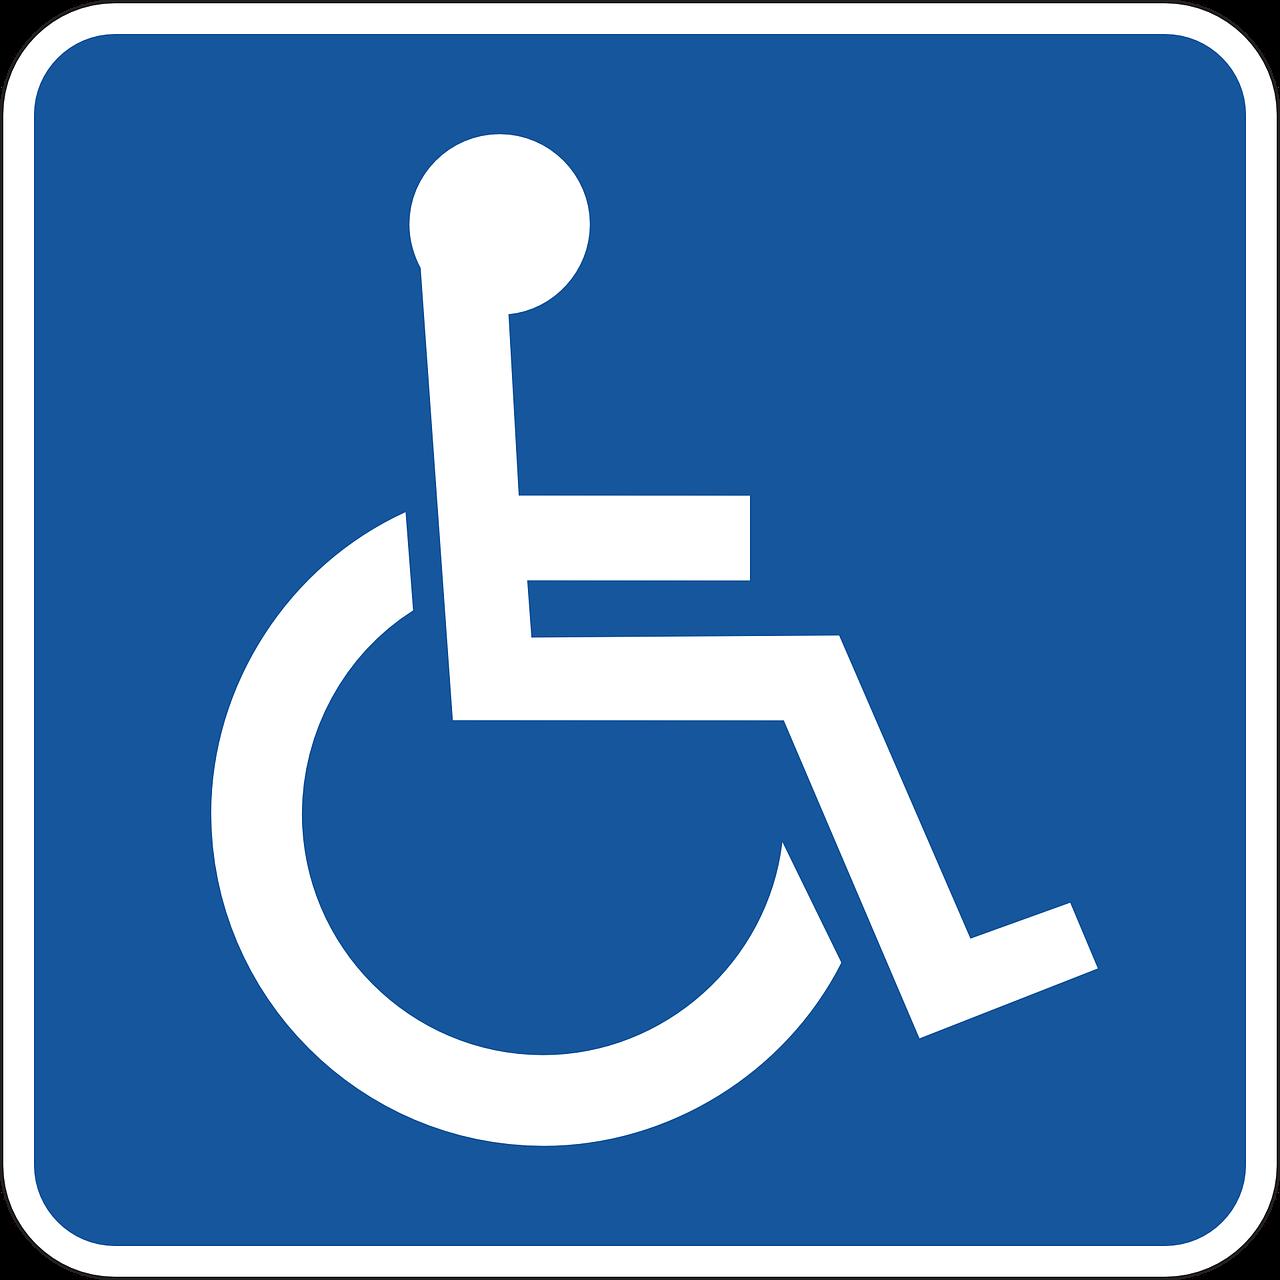 Smit ZORG instellingen voor gehandicaptenzorg verstandelijk gehandicapten